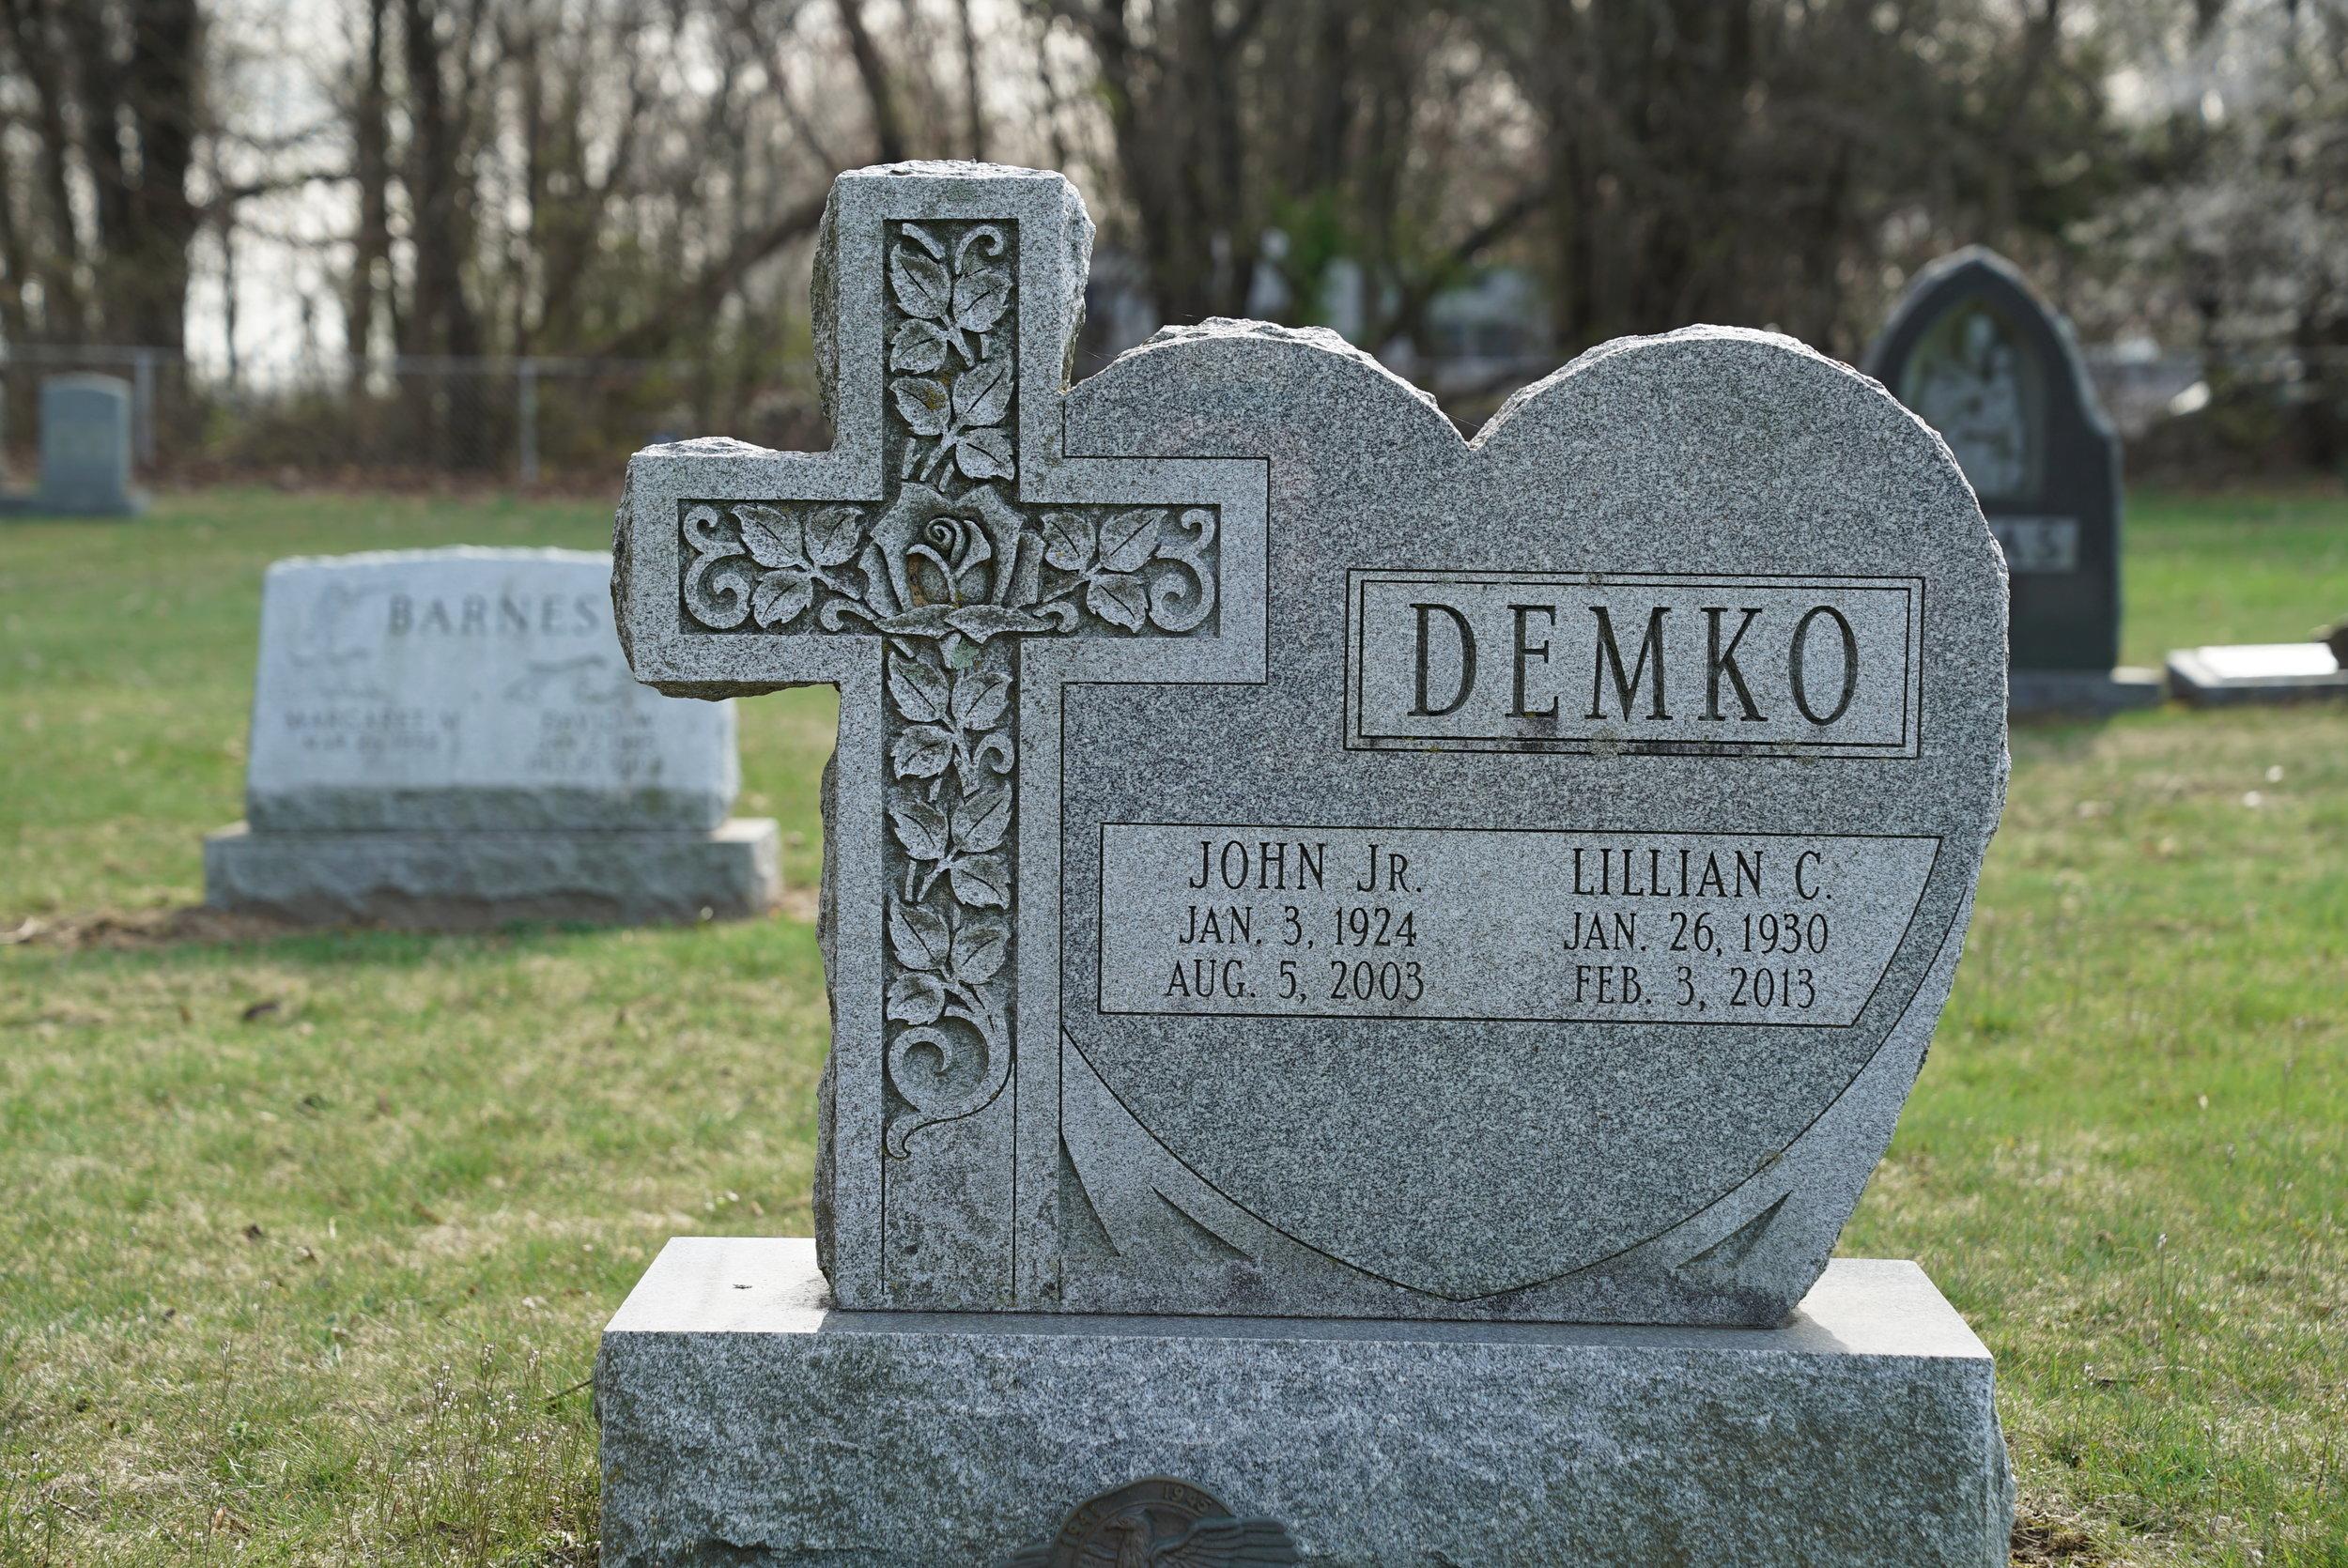 Tombstone at St. Nicholas Cemetery. Coatesville, Pennsylvania.